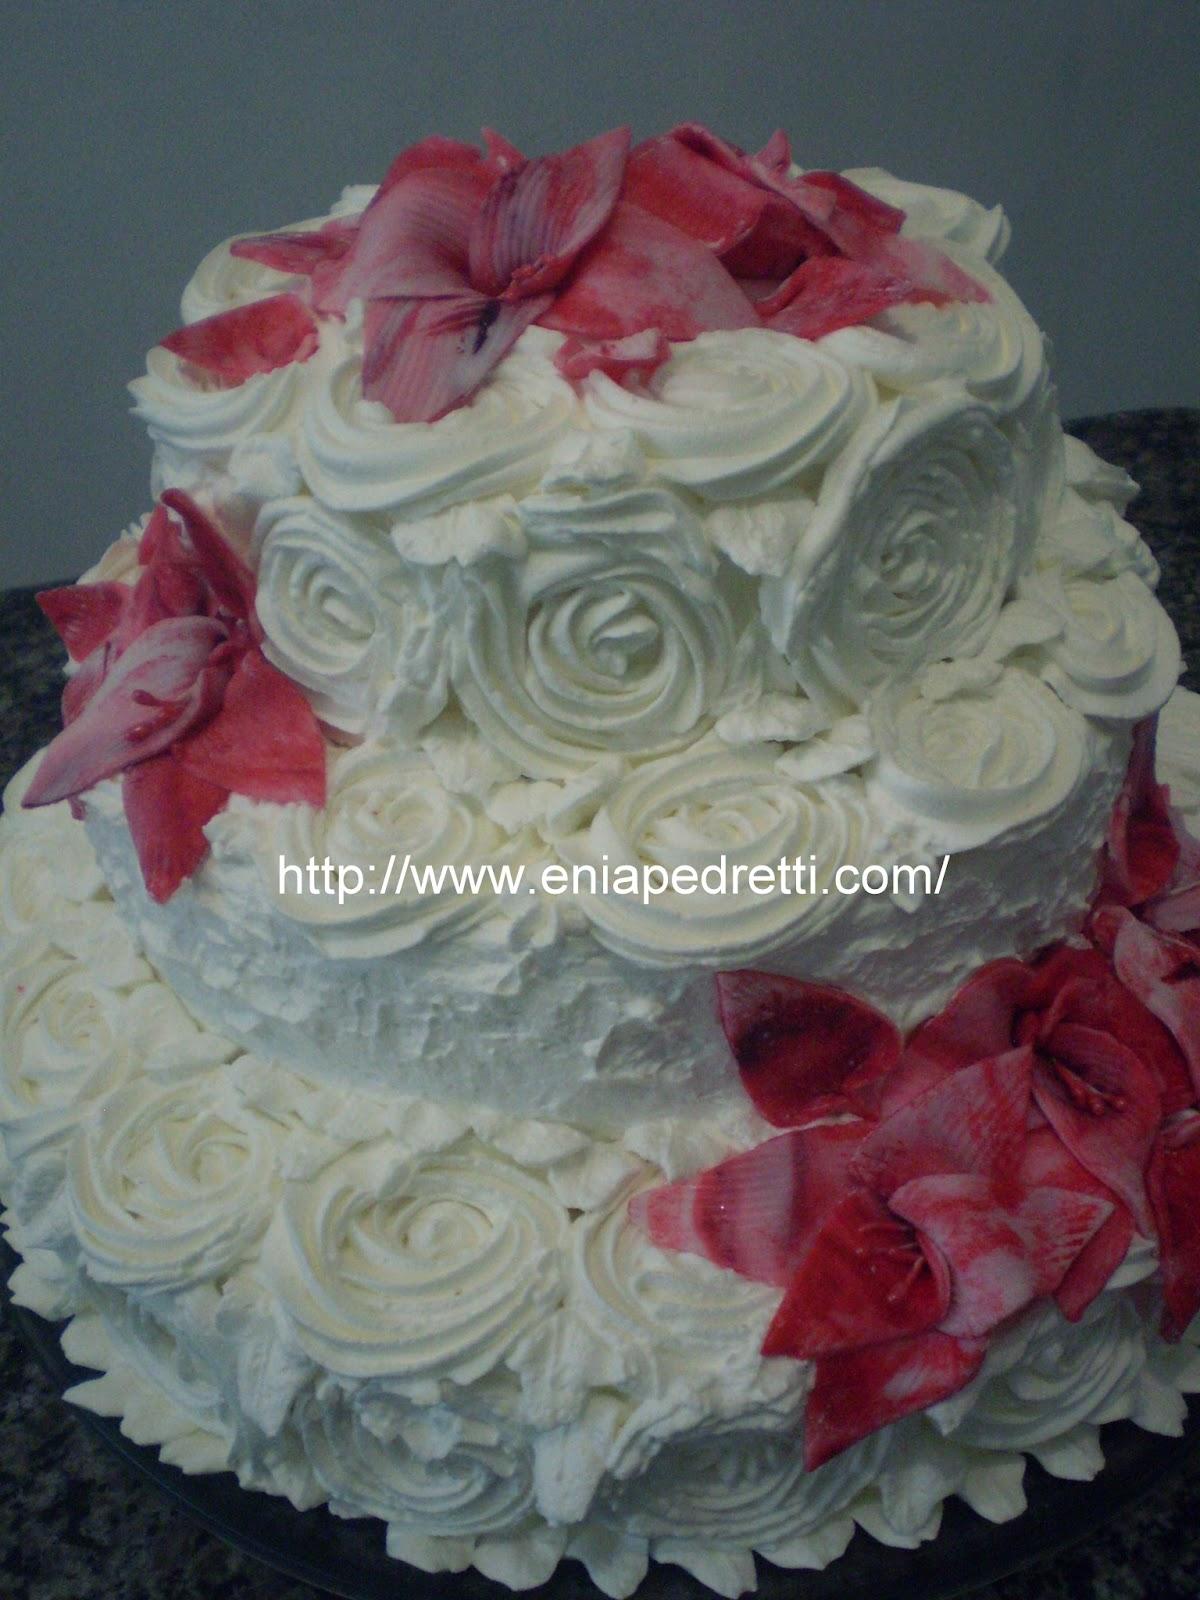 Top Enia Pedretti Bolos & Cia: Bolo de Casamento 3 Andares de Chantilly WW62